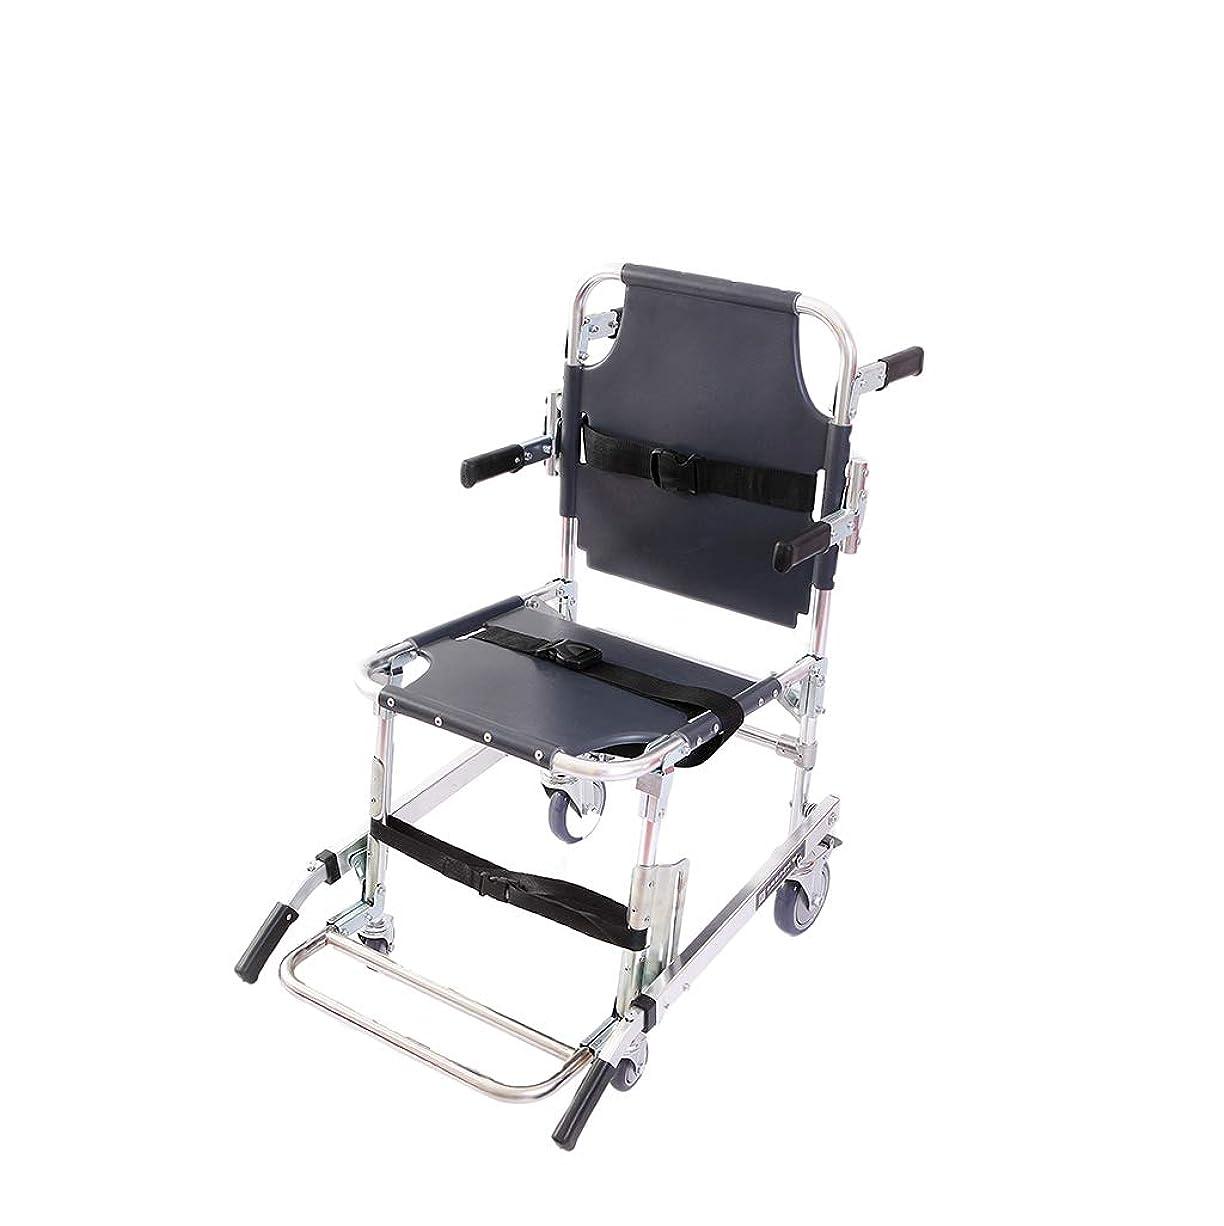 気づく領収書時間とともに階段椅子、アルミニウムの軽量2ホイールクイックリリースバックル、350ポンド容量のリフト付き医療輸送椅子